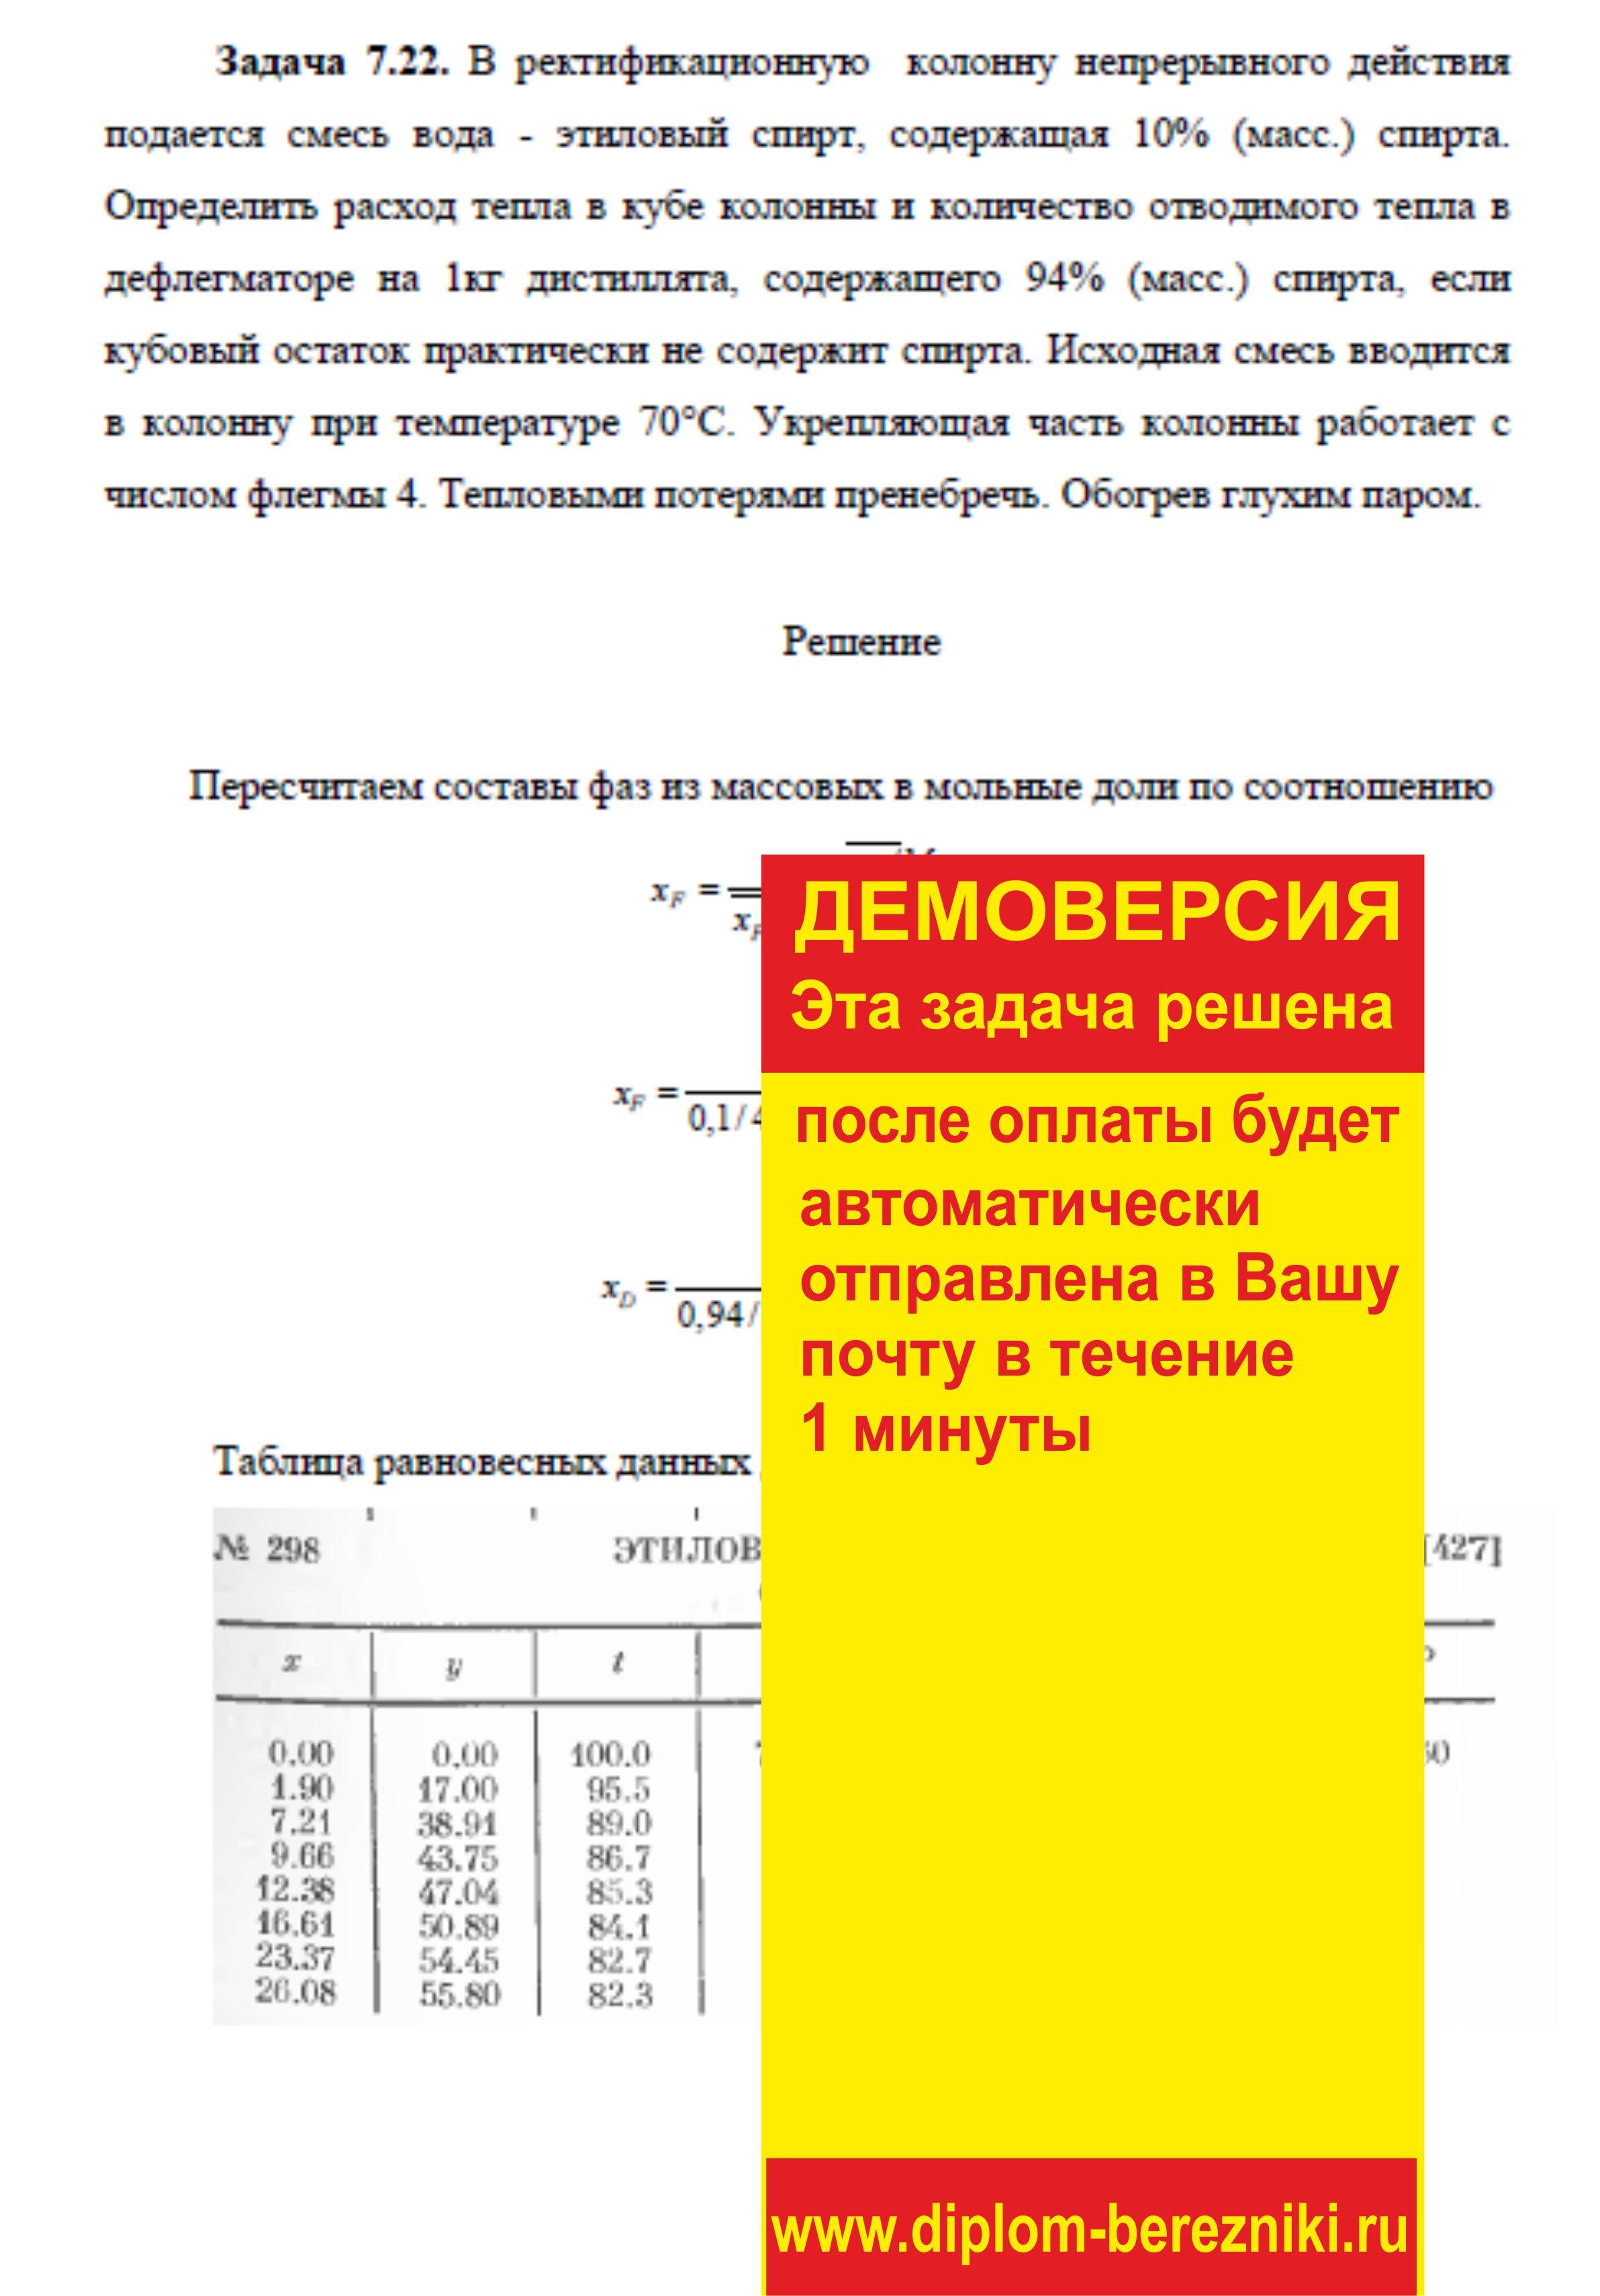 Решение задачи 7.22 по ПАХТ из задачника Павлова Романкова Носкова